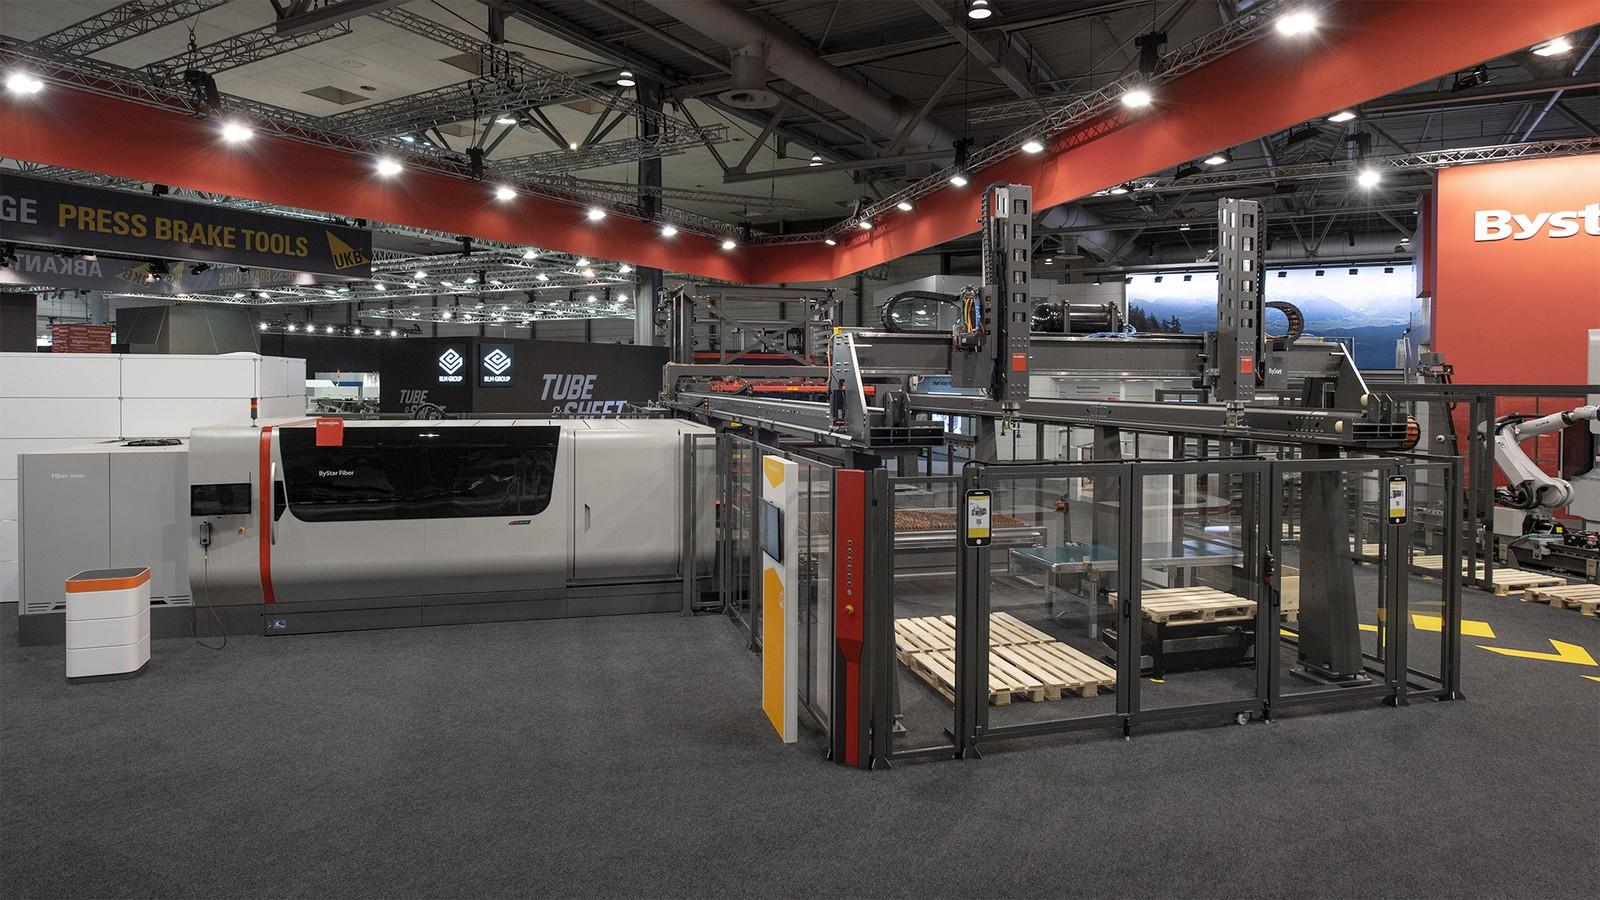 Production LIne ist ein System, mit dem sich vernetzte Fertigungslinien rund um die Laseranlage Bystar Fiber aufbauen lassen.